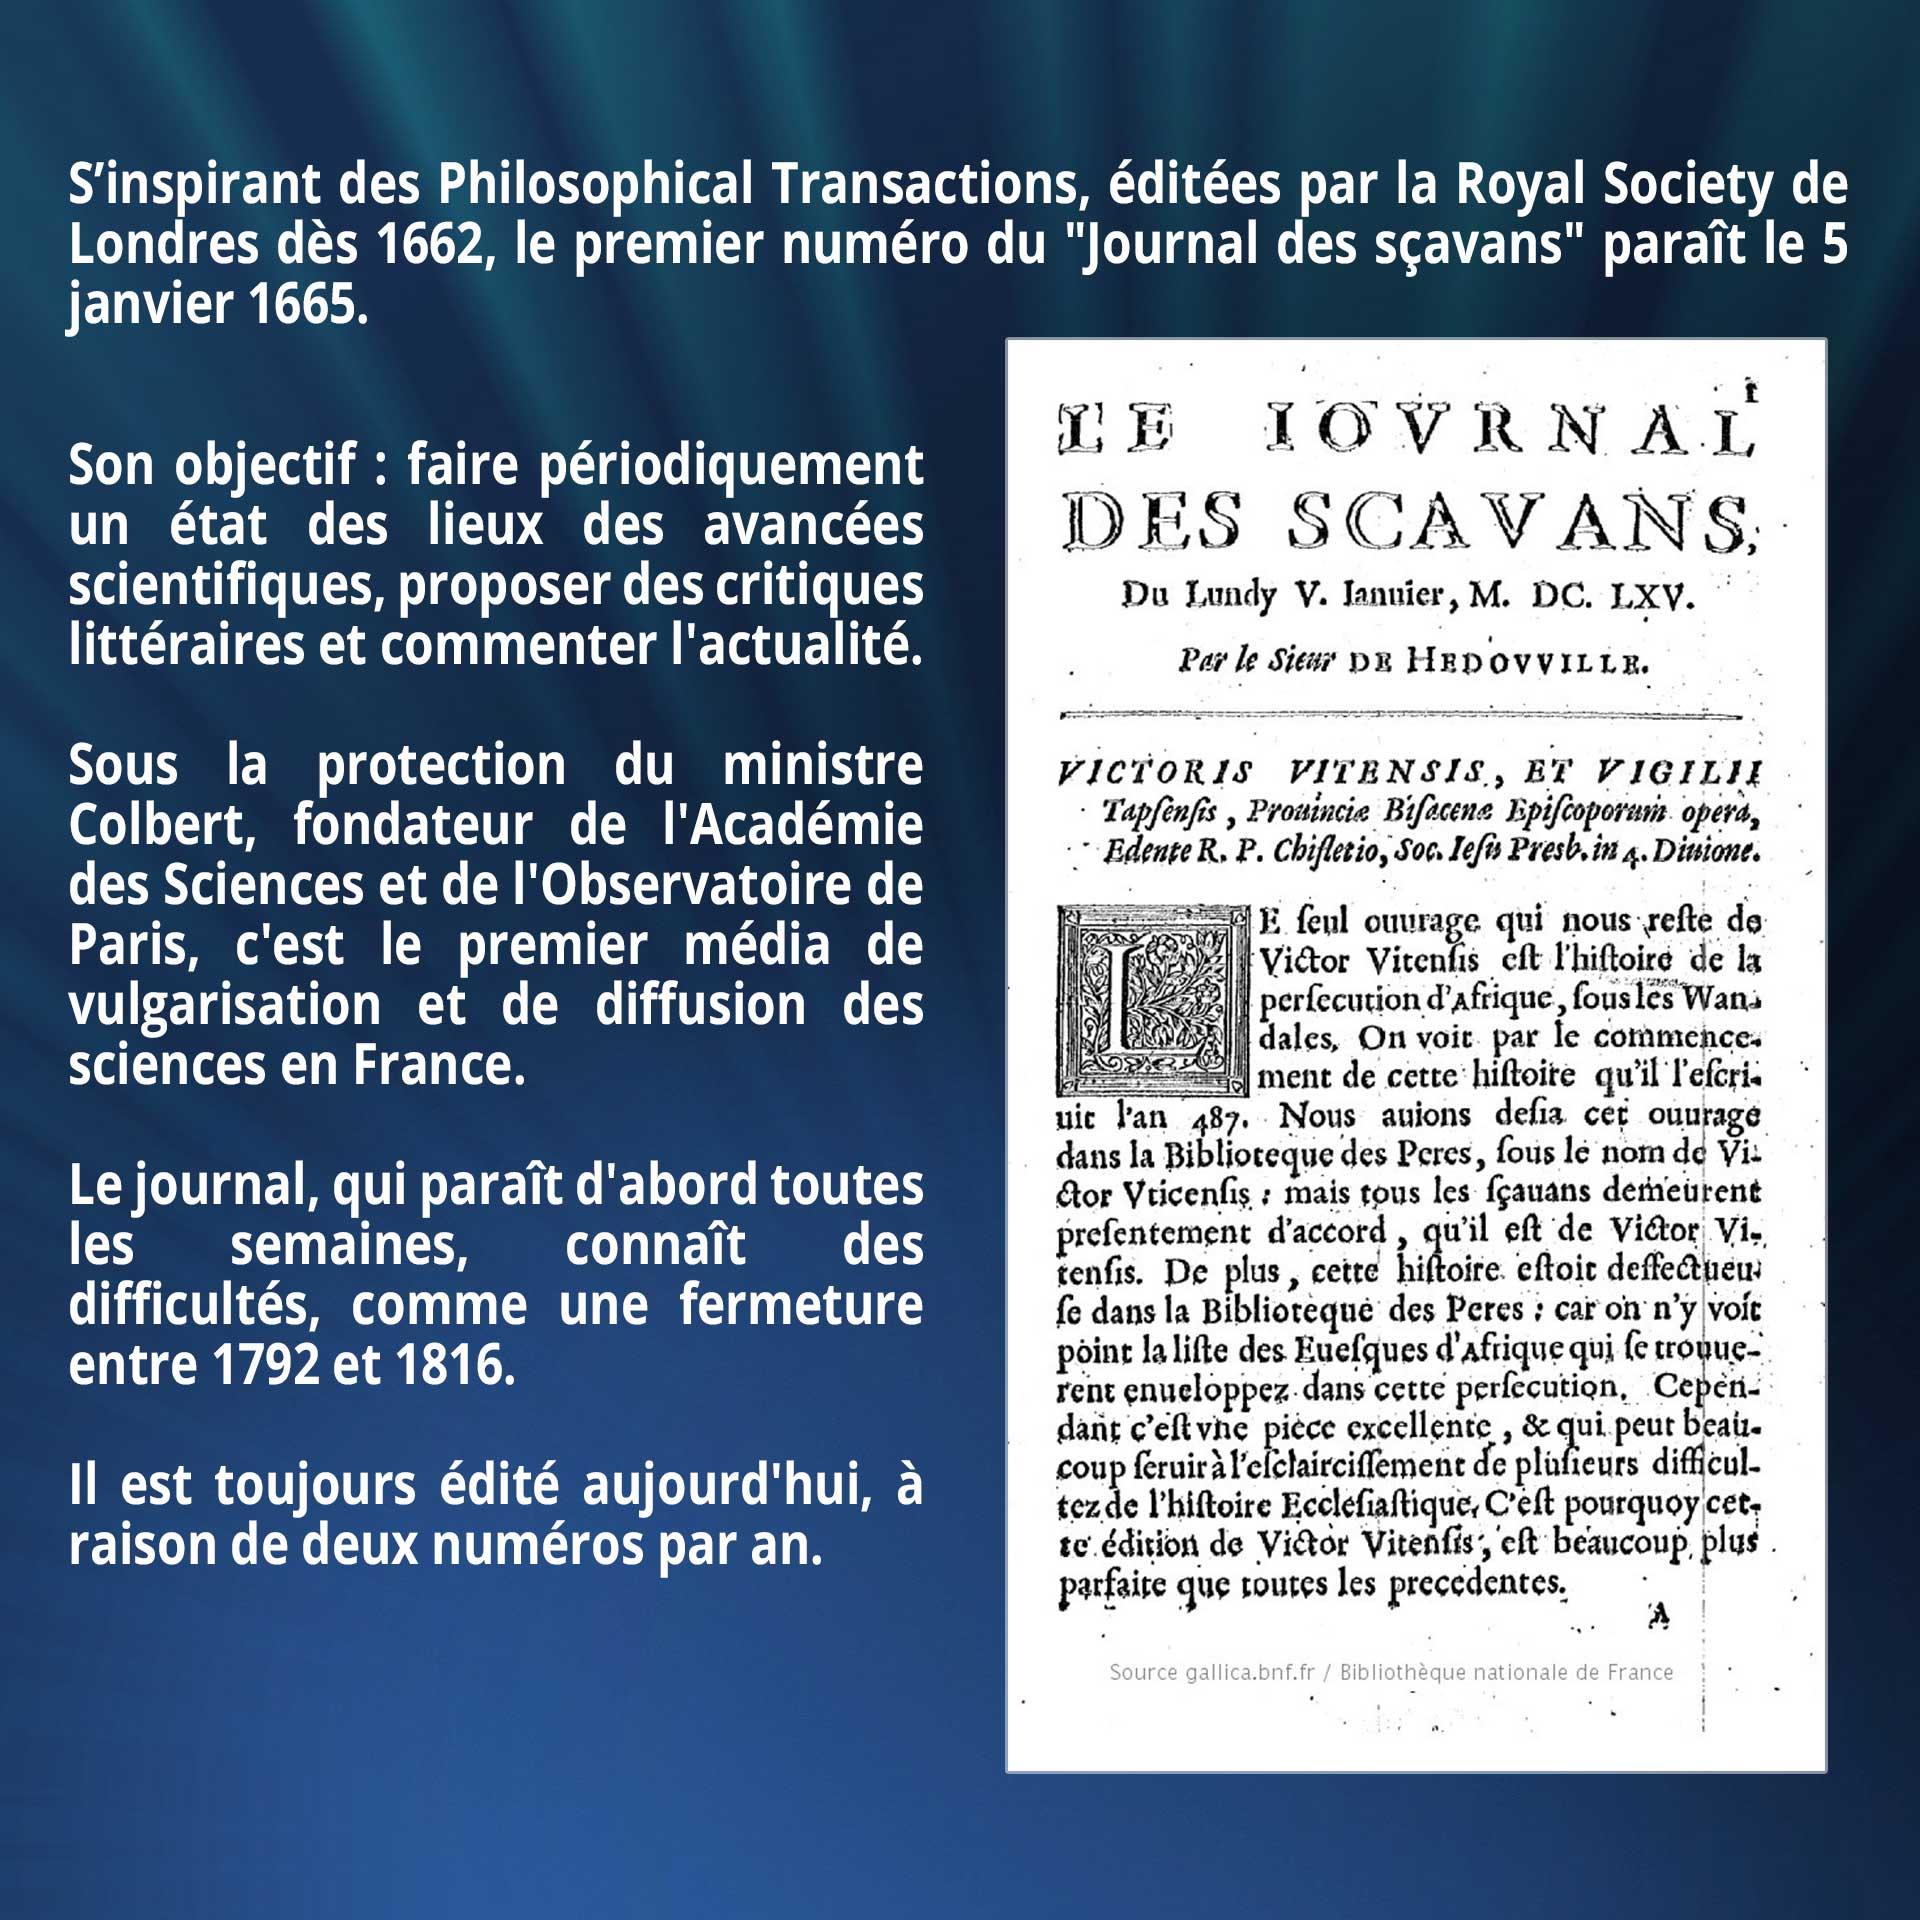 S'inspirant des Philosophical Transactions, éditées par la Royal Society de Londres dès 1662, le premier numéro du